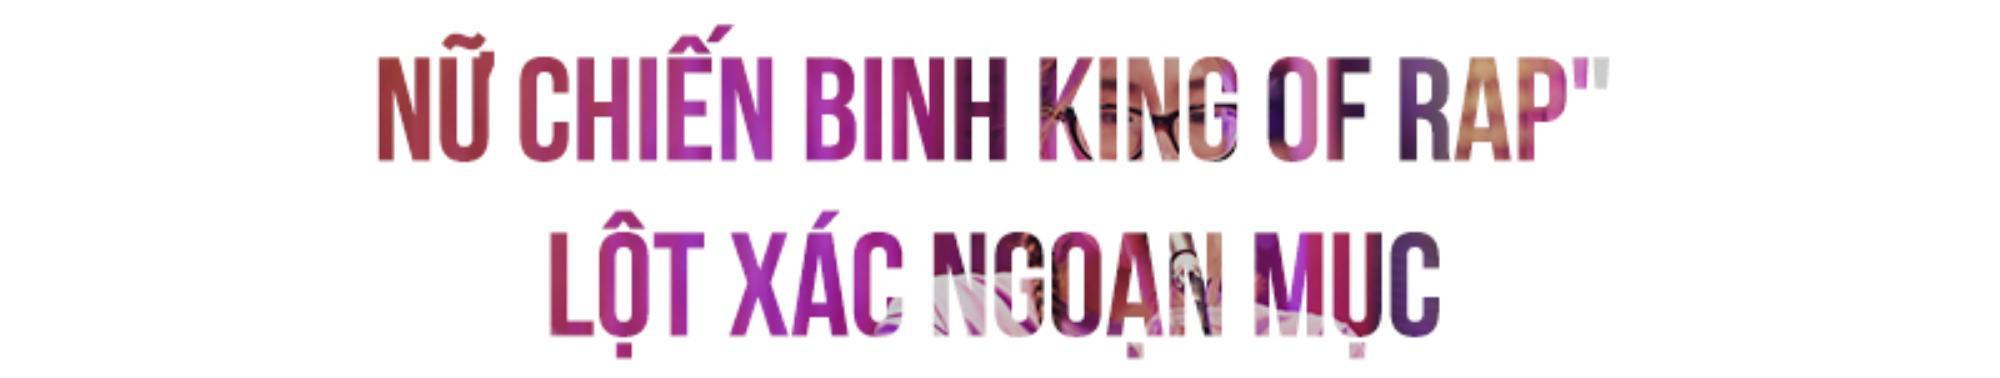 Hành trình đến ngôi vị Á quân King Of Rap của Pháo: Công chúa Underground đã thành nữ Rapper thực thụ Ảnh 5